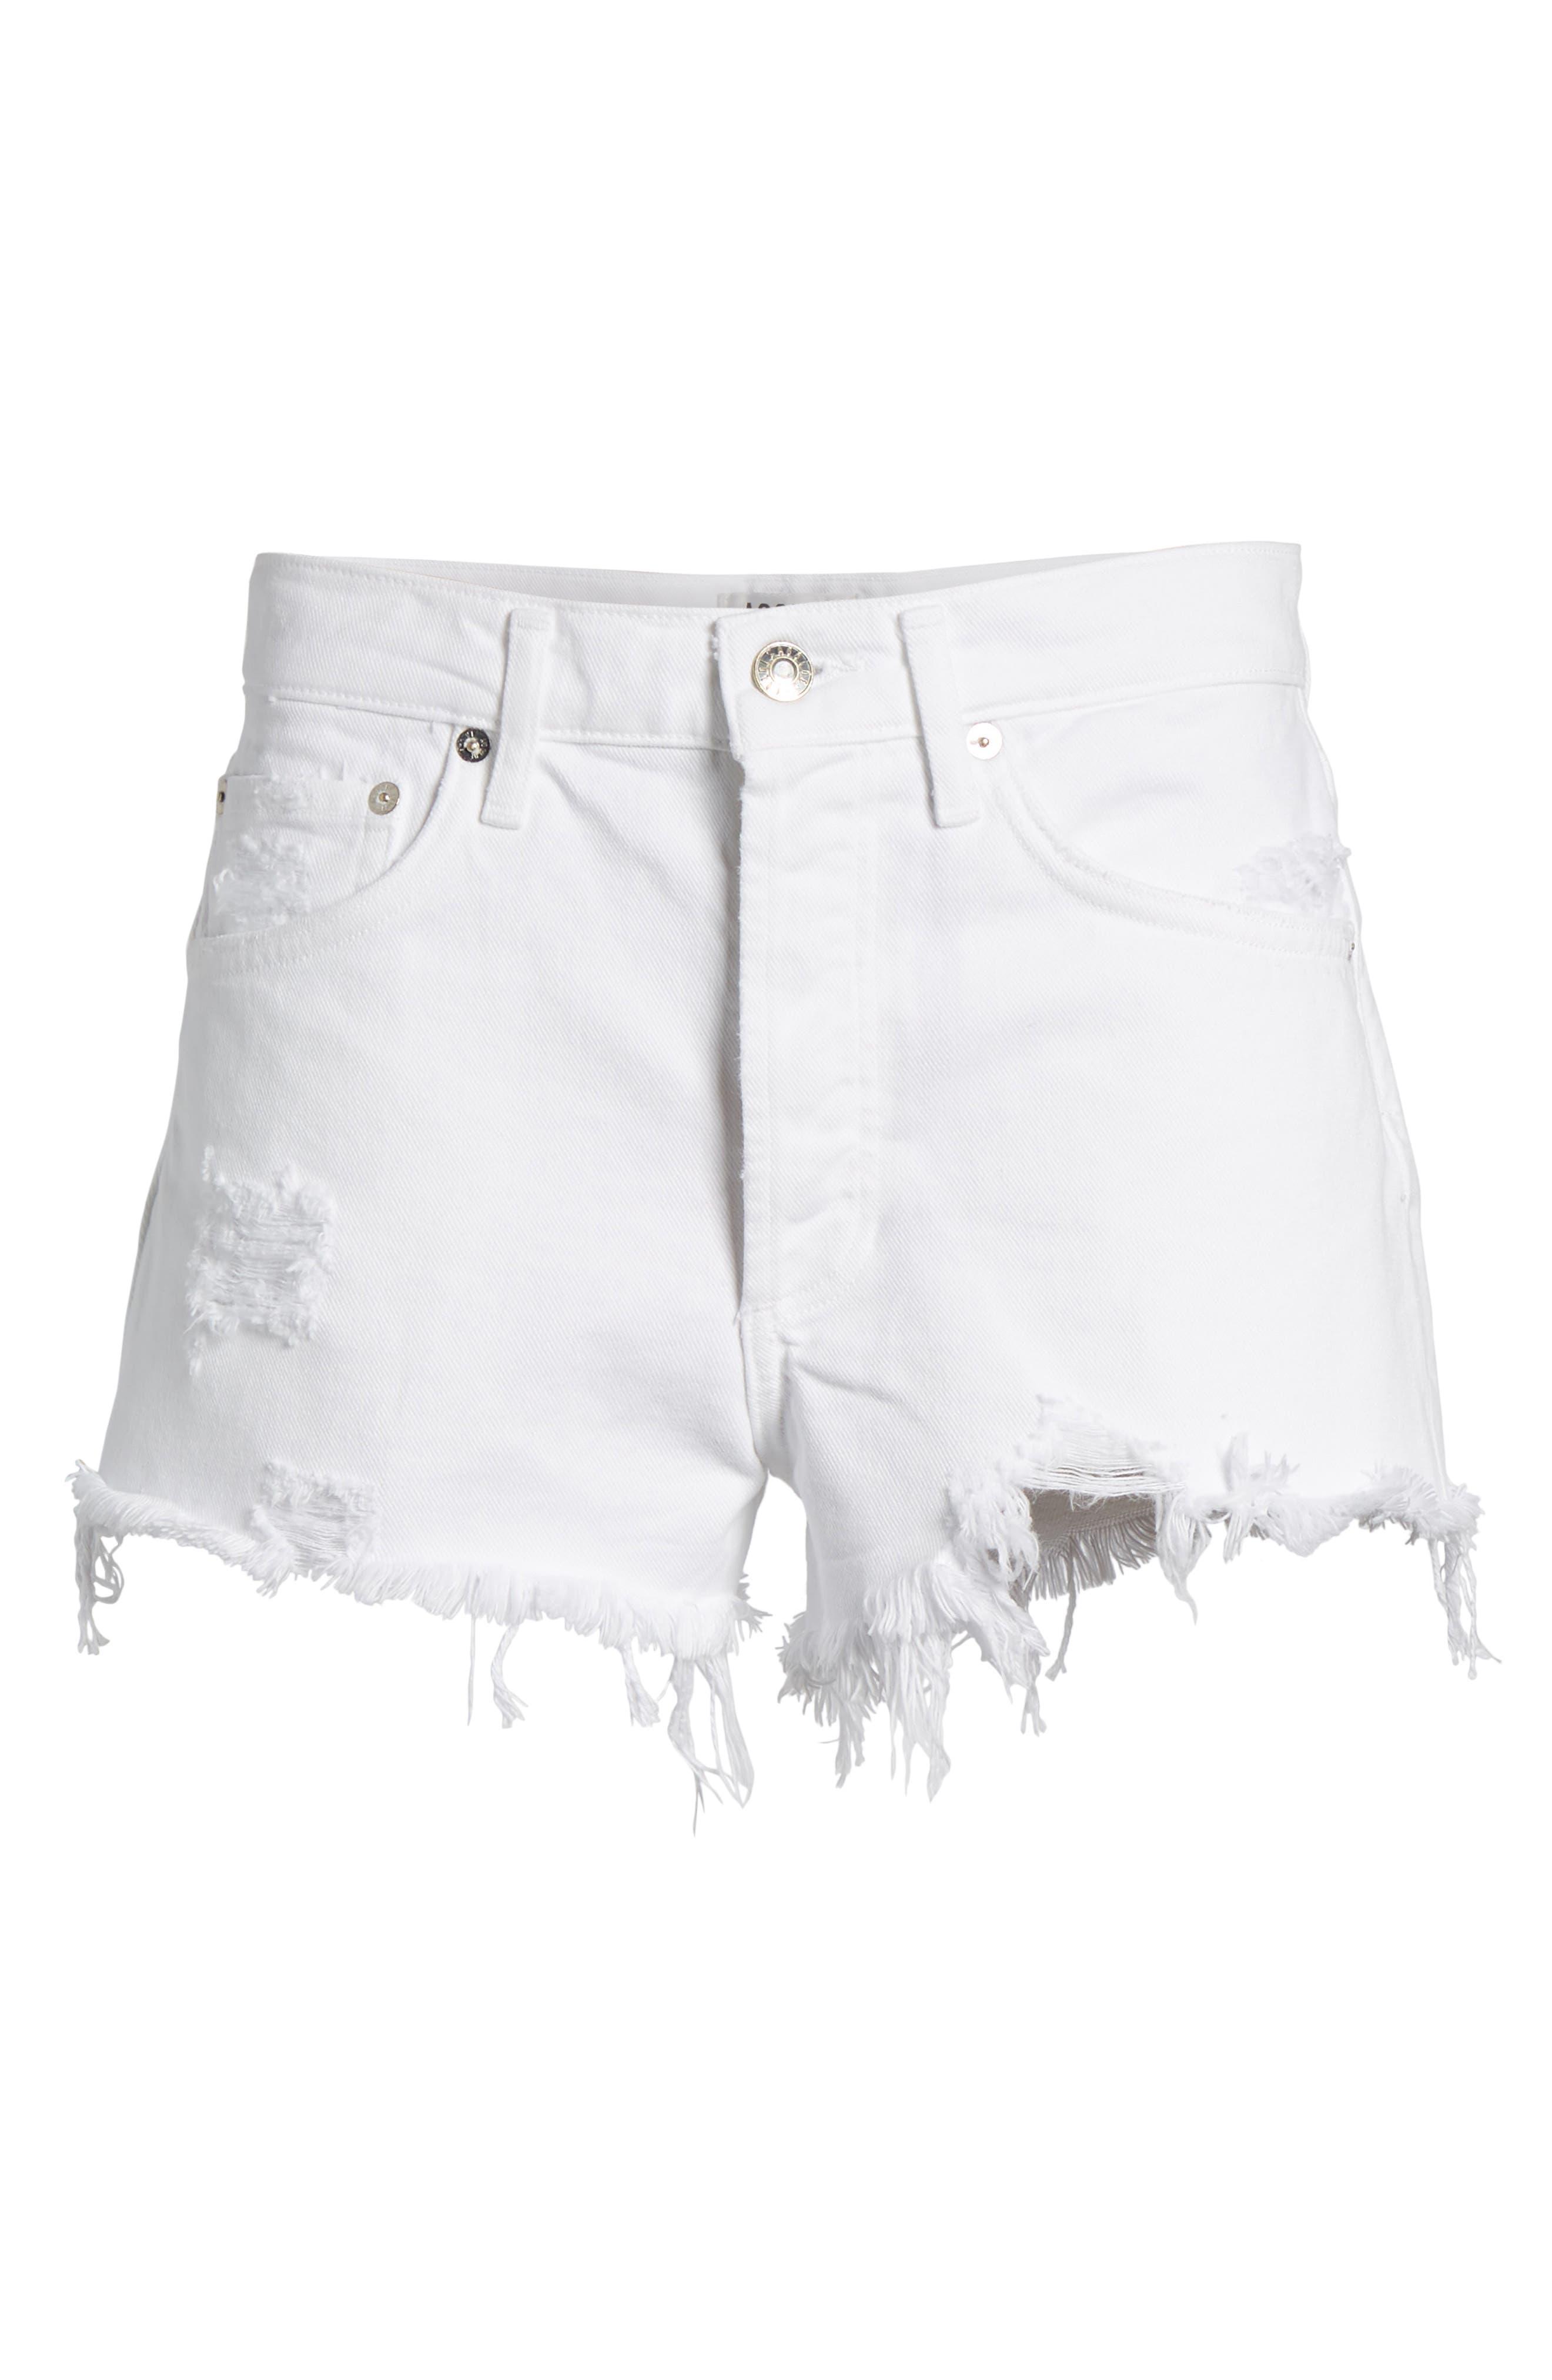 Parker Distressed Denim Shorts,                             Alternate thumbnail 7, color,                             Detour